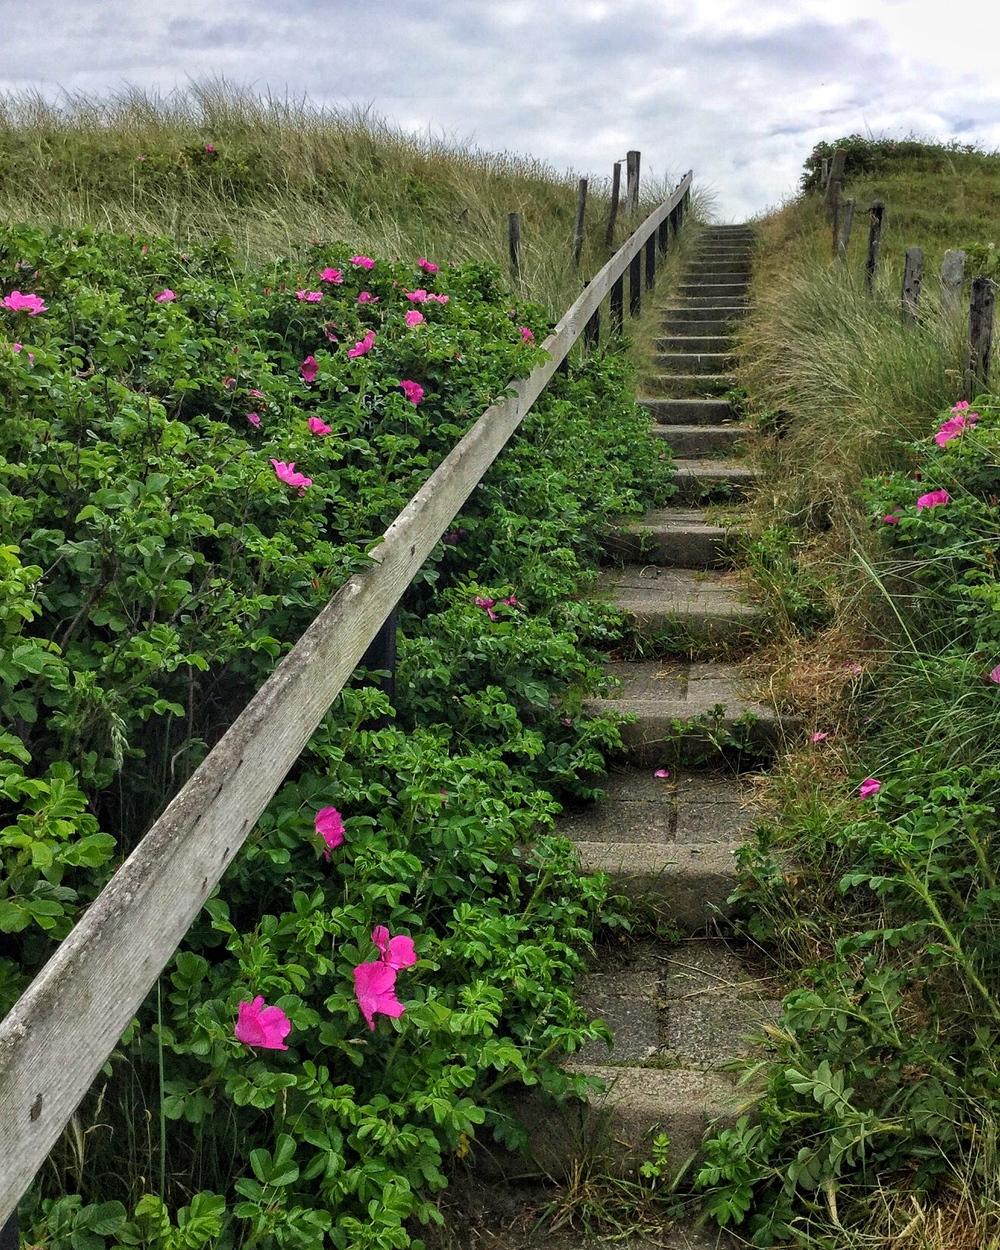 שביל כניסה של אחד הבתים בדרך מן החוף לכפר.חבל שאי אפשר להעביר את ניחוח הפרחים בתמונה...